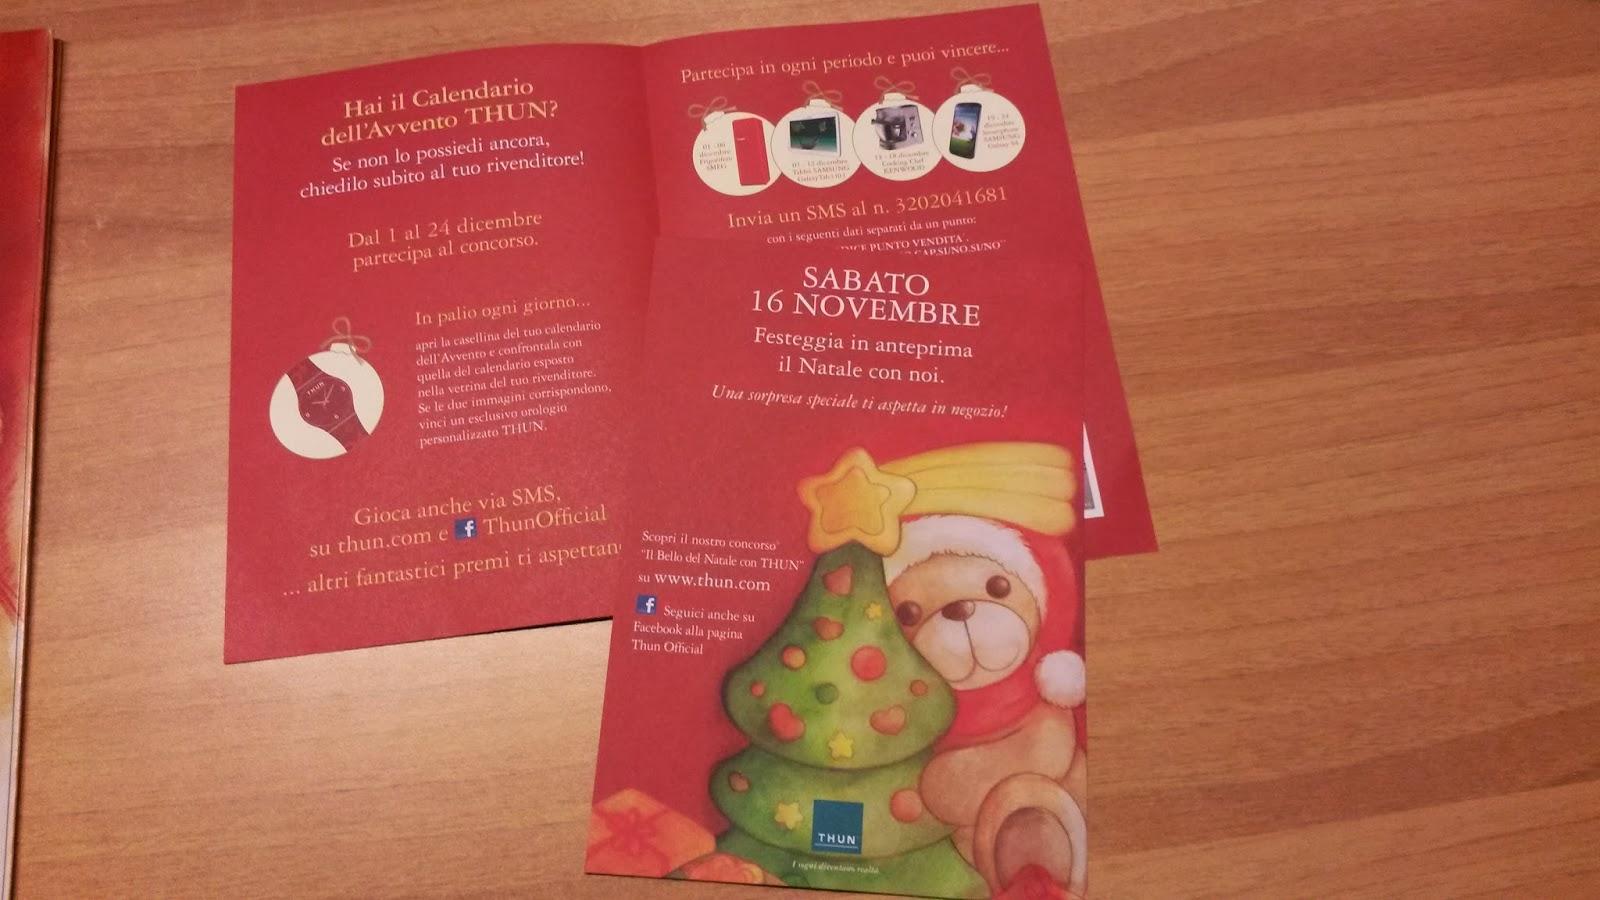 Calendario Avvento Thun.Idee Per Te Calendario Dell Avvento Thun 2013